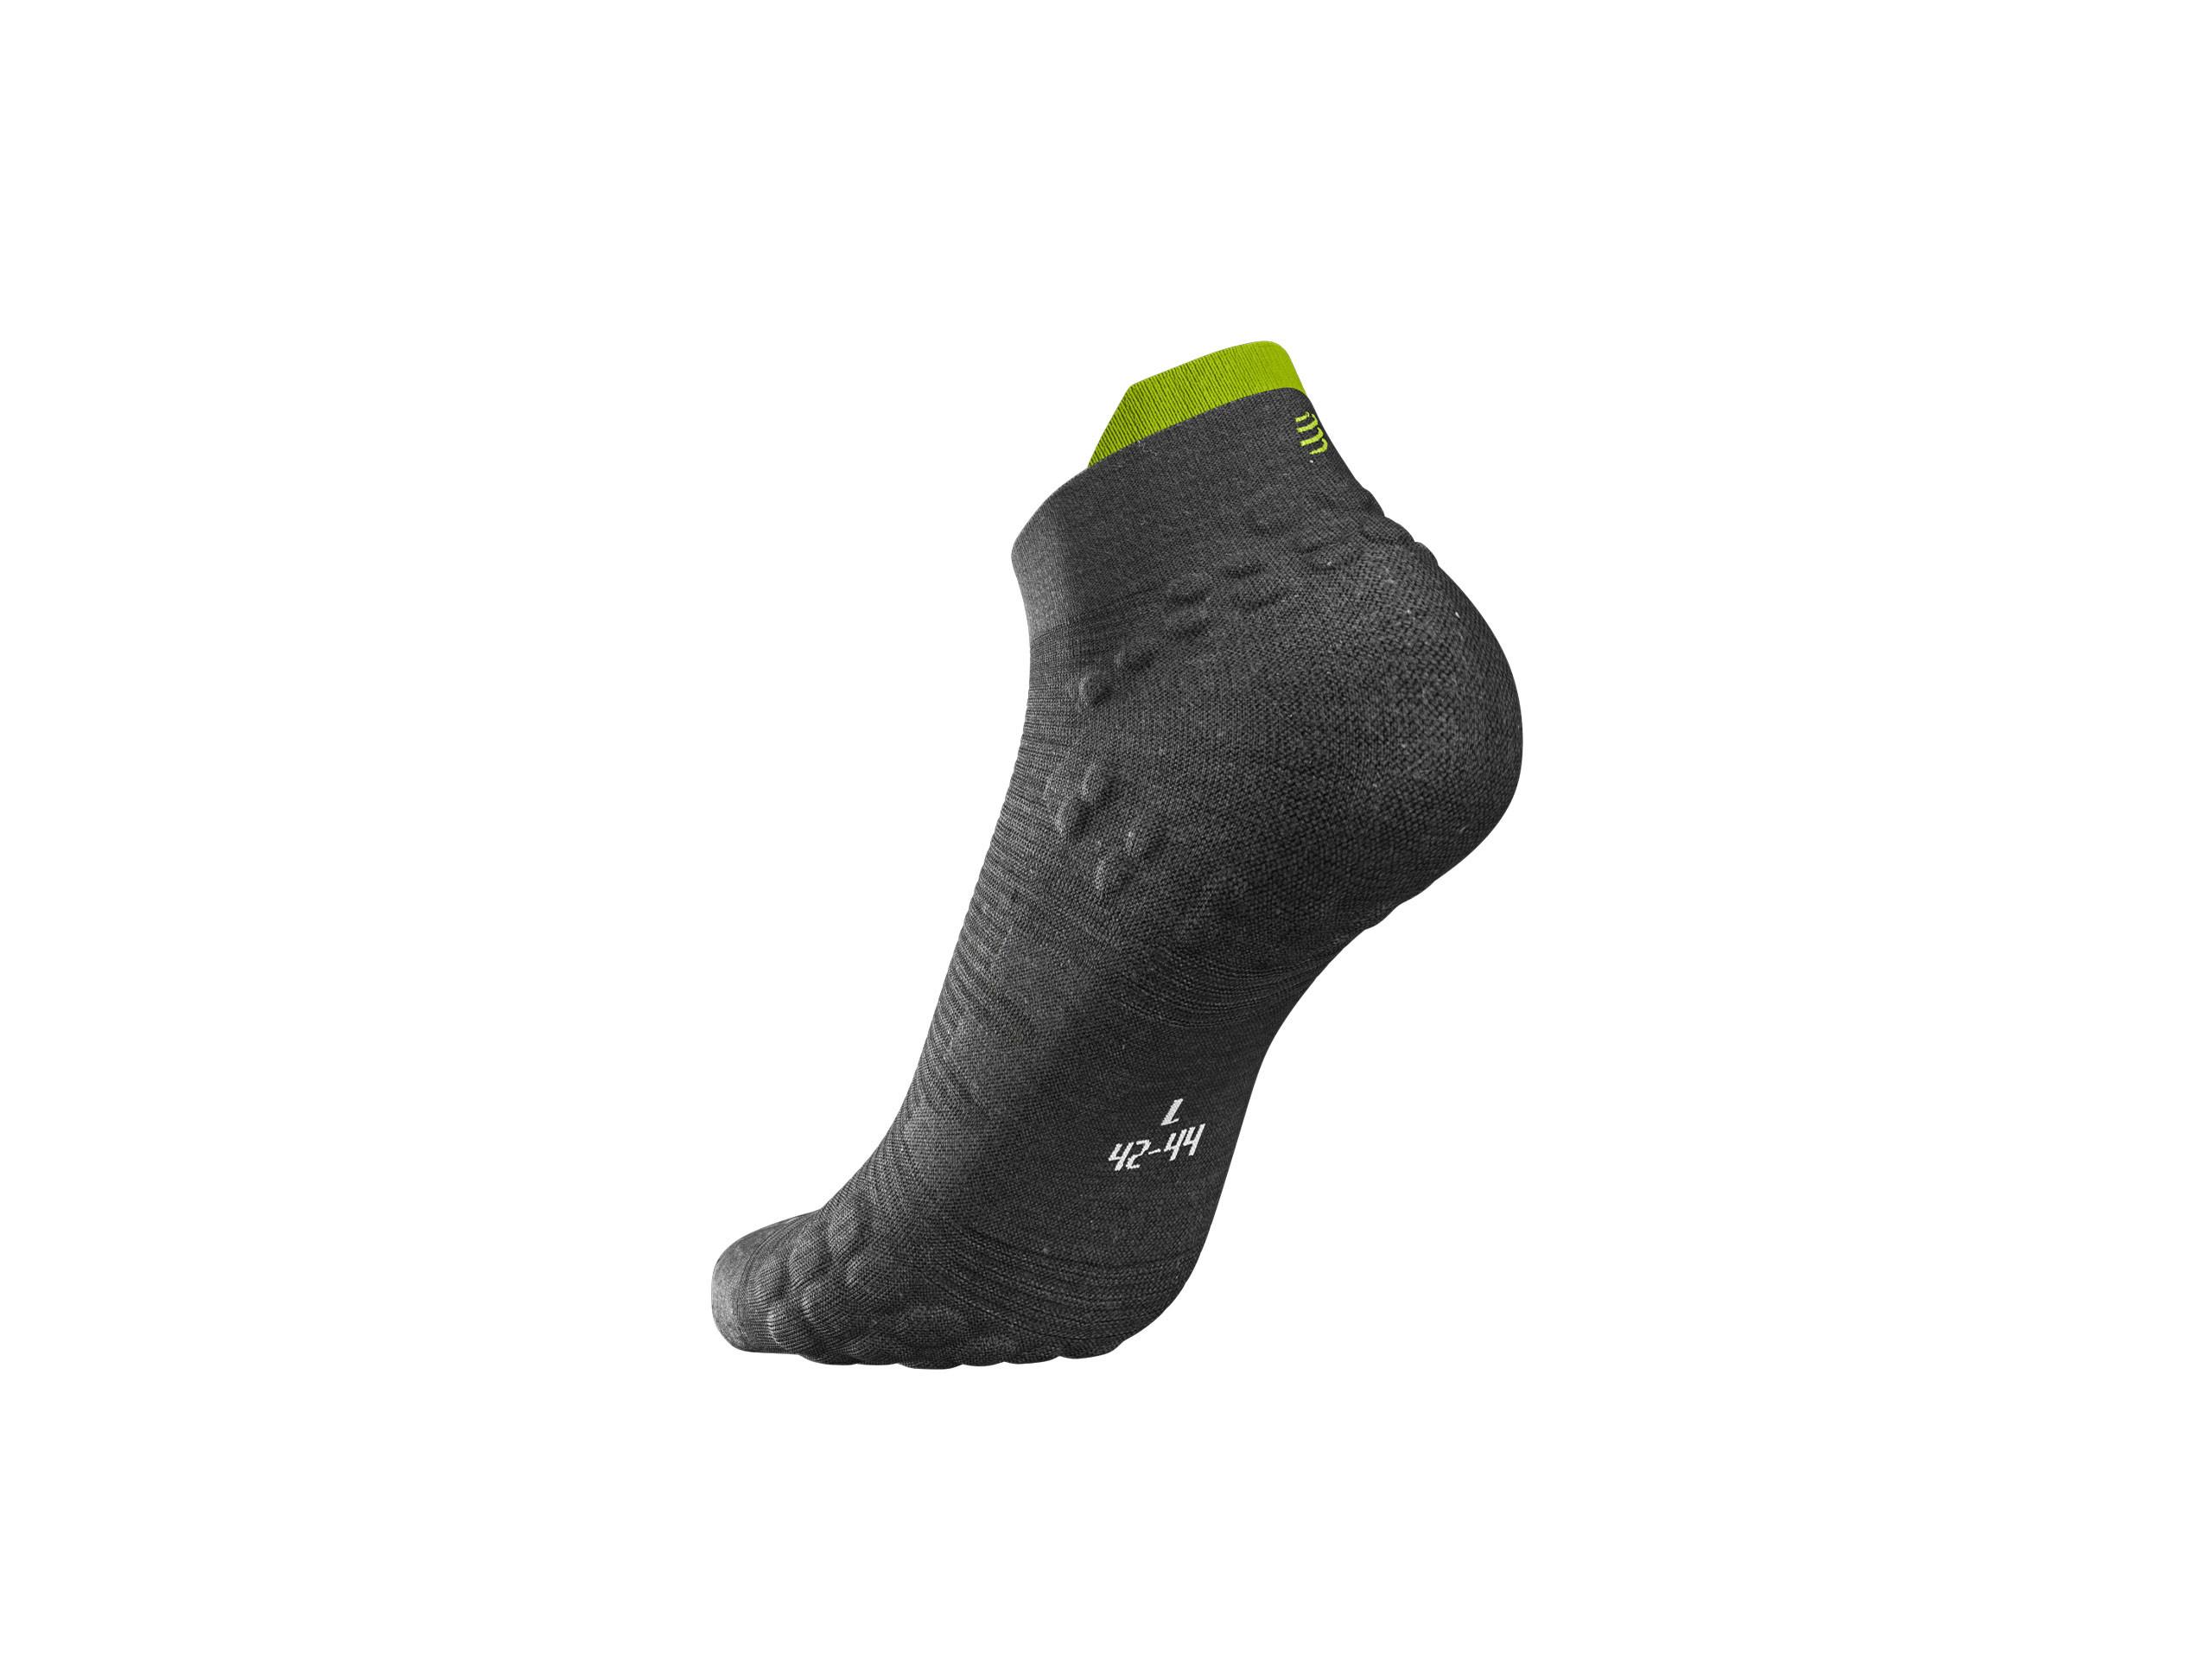 Pro Racing Socks v3.0 Run Low - Black Edition 2019